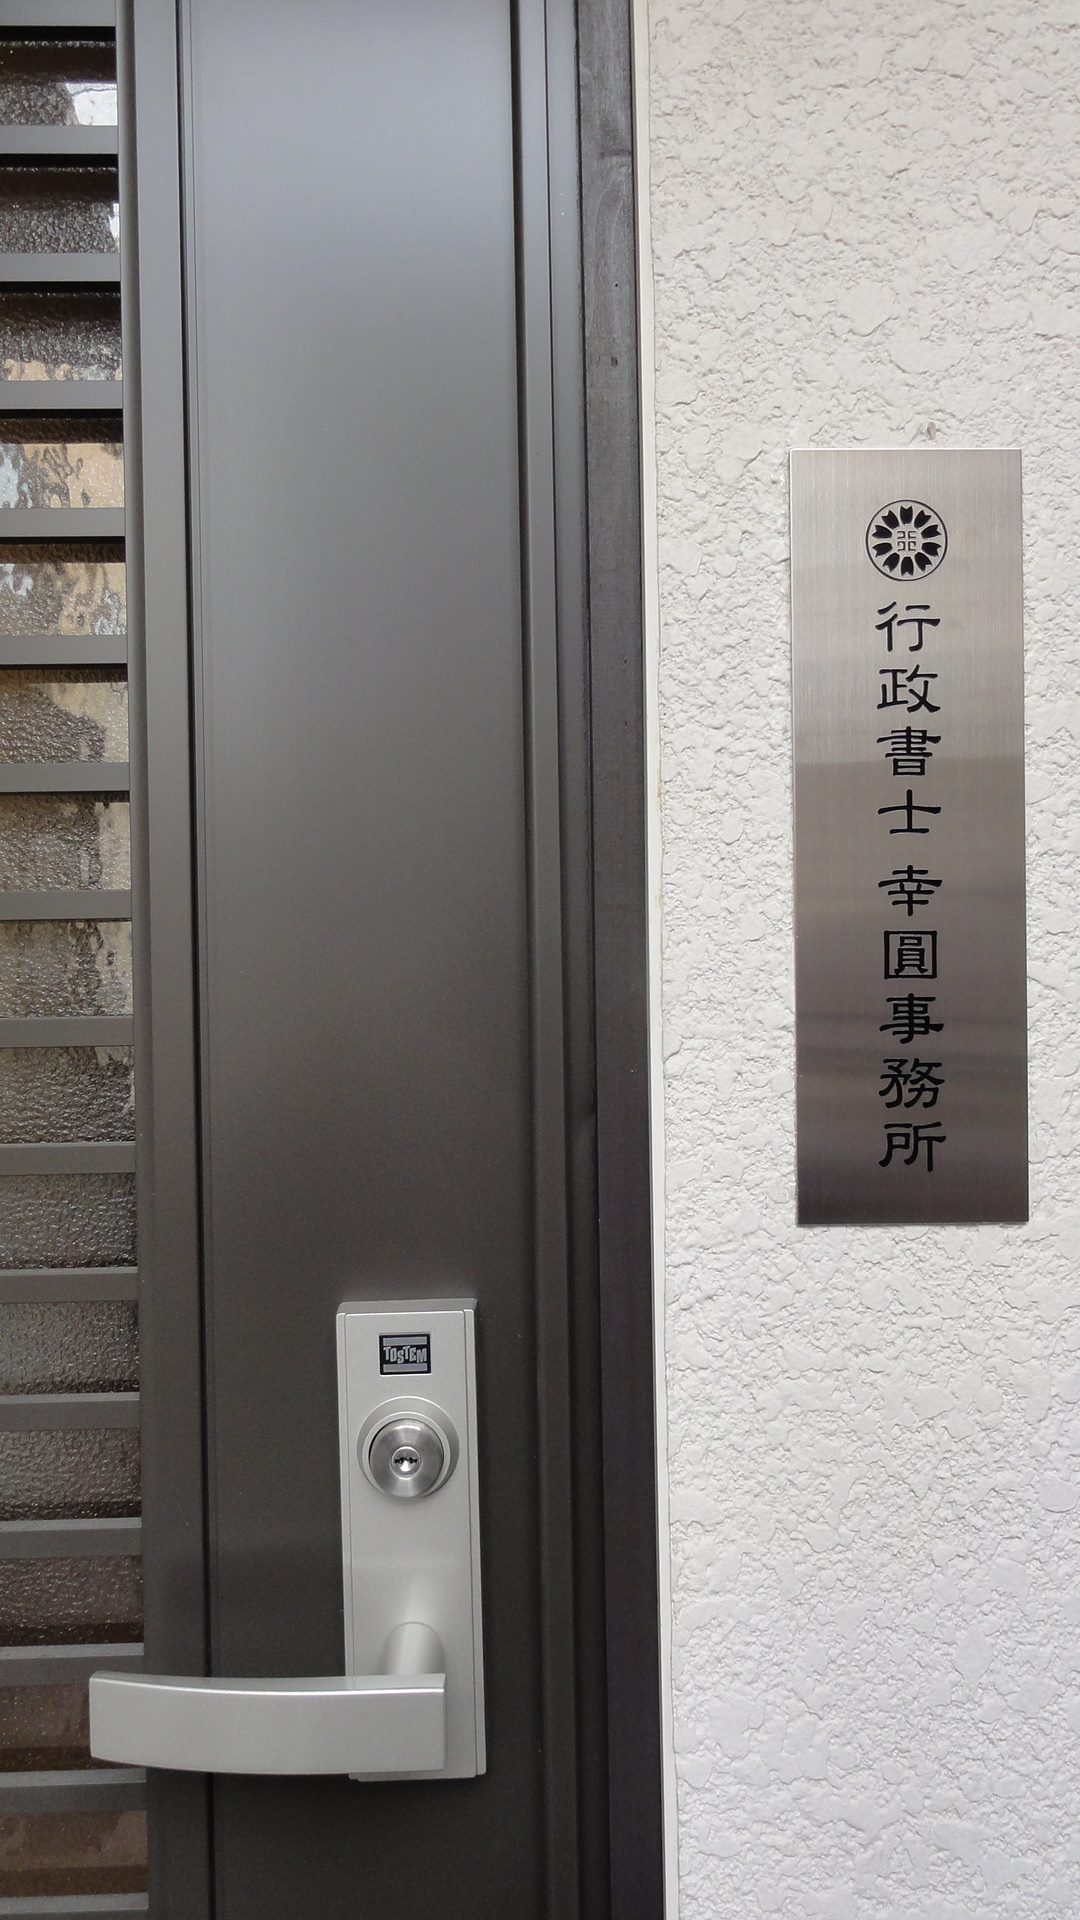 幸圓事務所入口